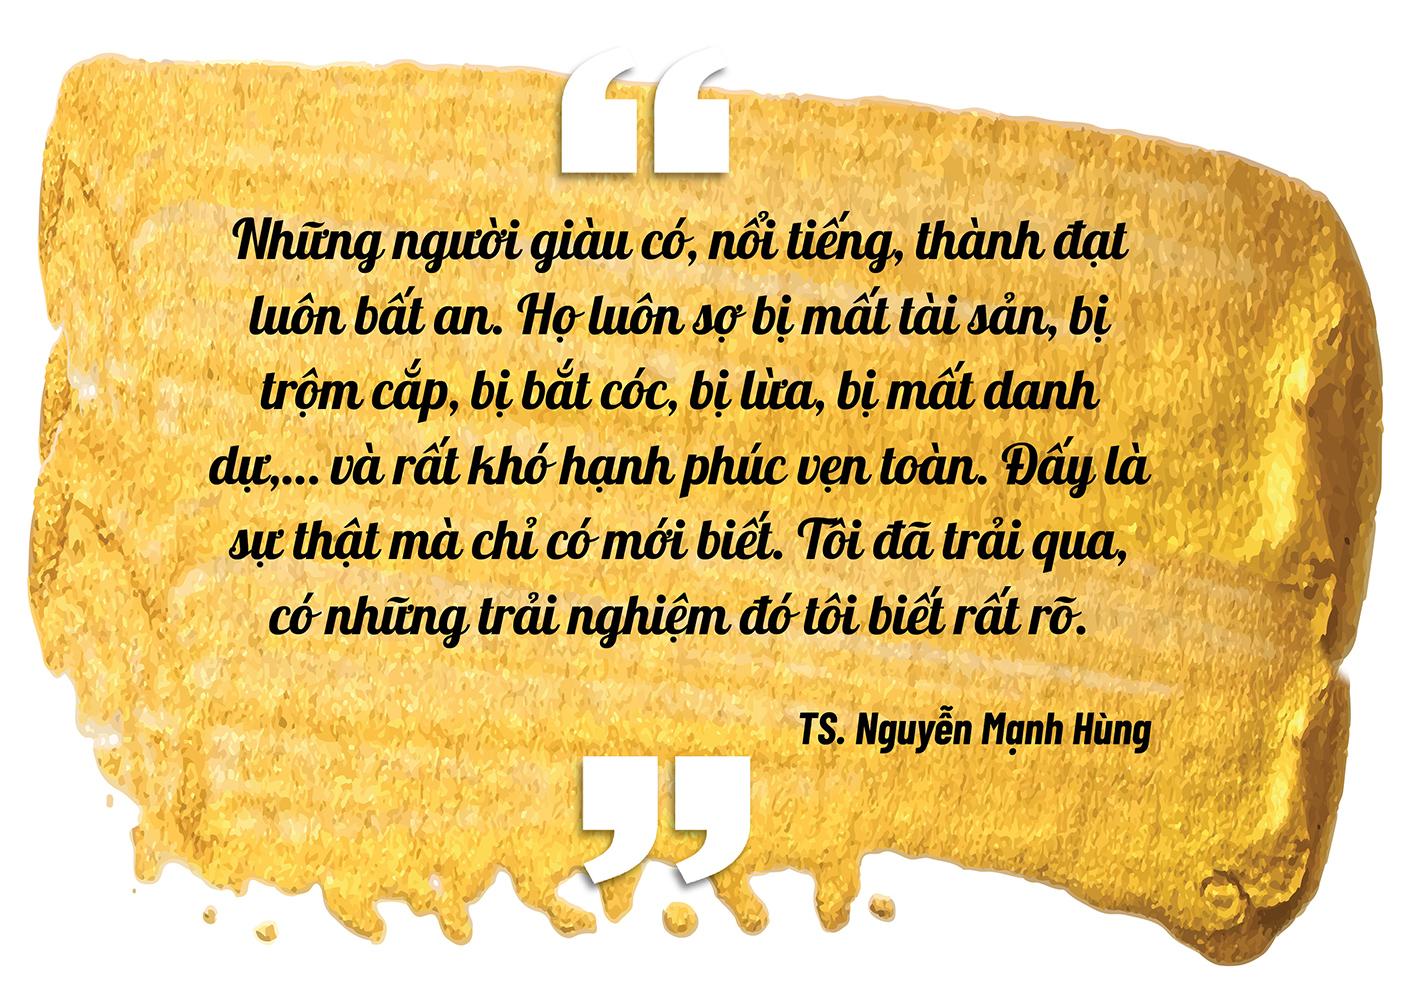 """Đại gia đi tu Nguyễn Mạnh Hùng: """"Nhiều người giàu có, nổi tiếng, thành đạt luôn bất an, tôi trải qua nên biết điều đó"""" - Ảnh 5."""